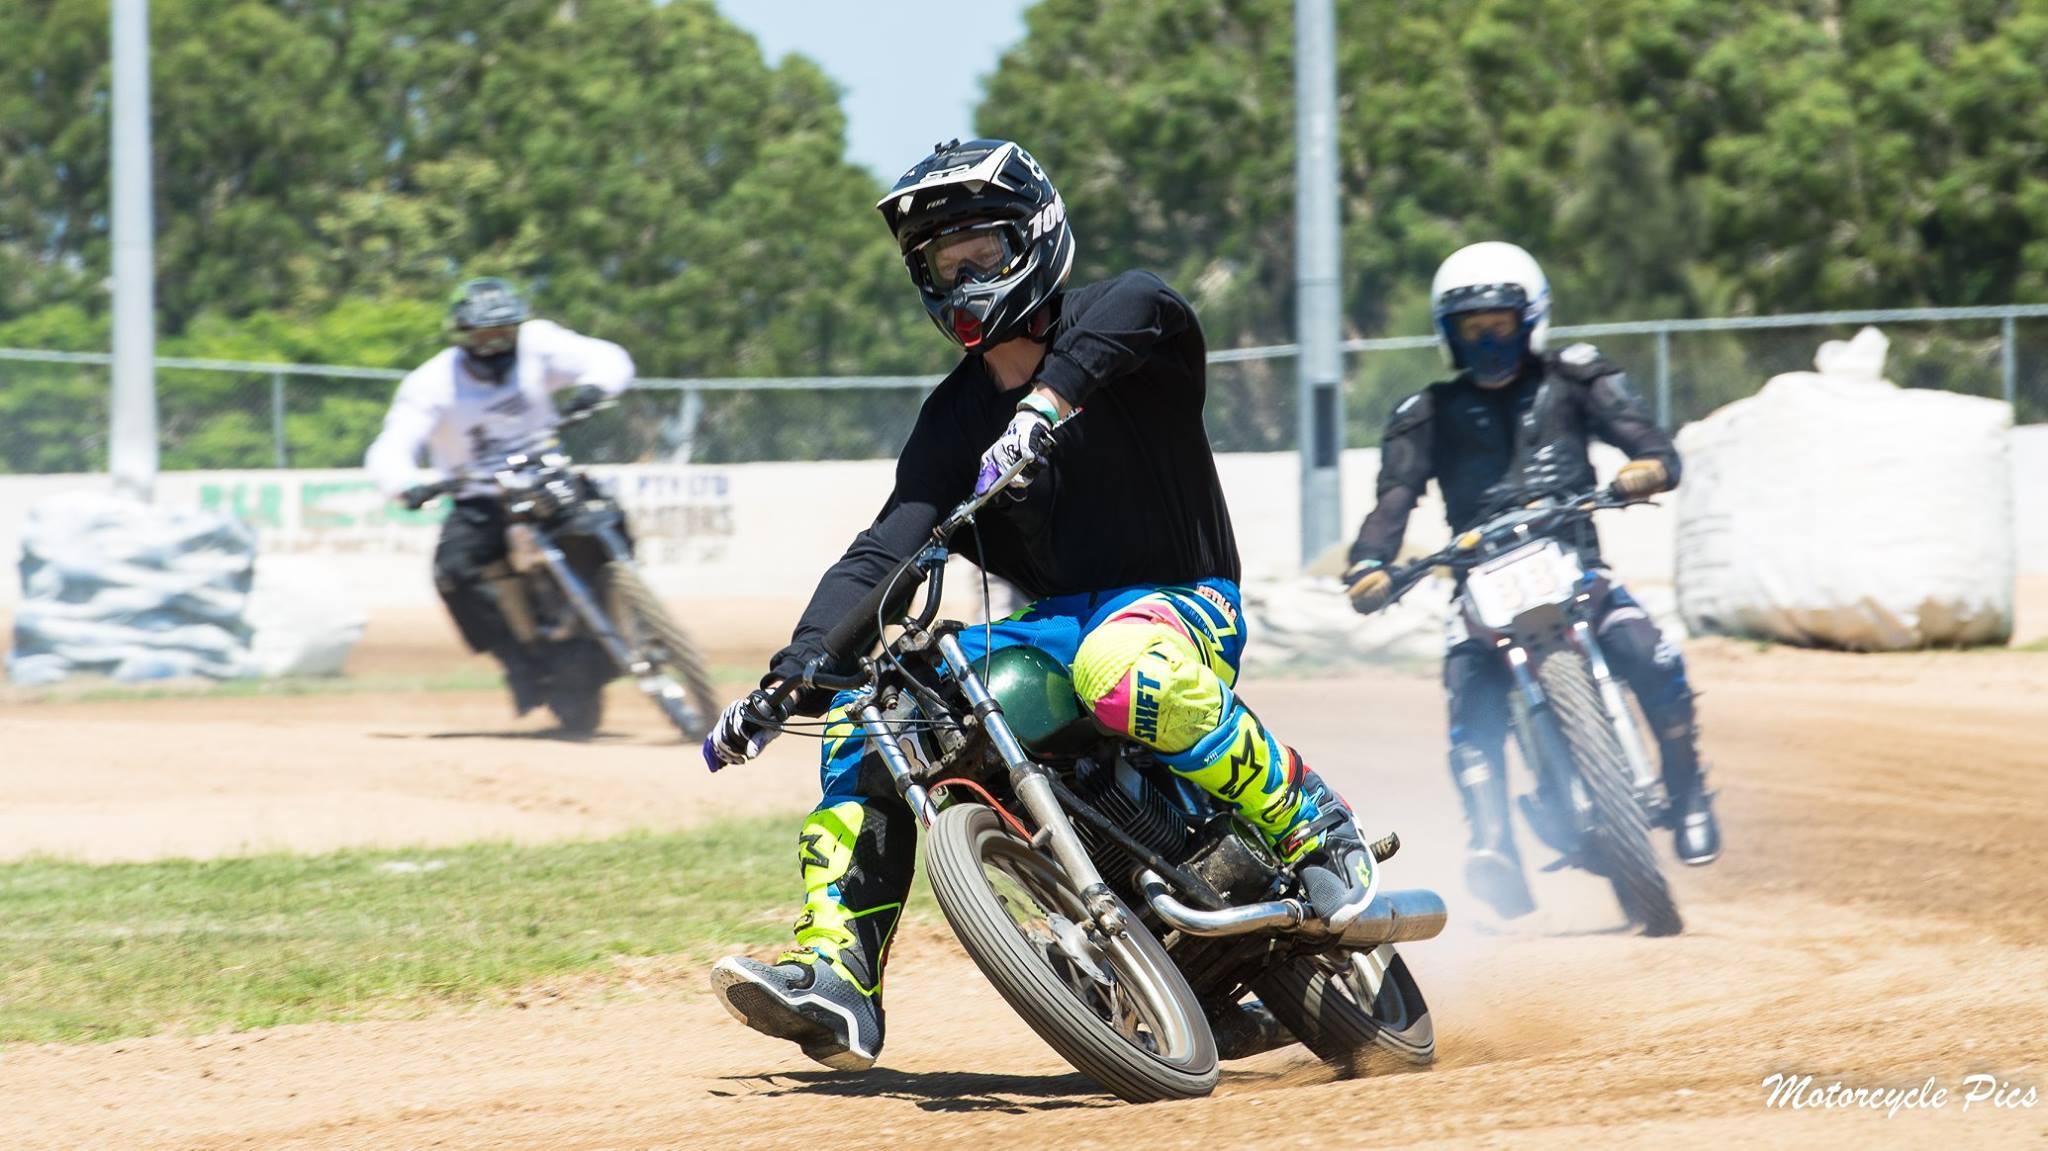 Photo: Motorcycle Pics.